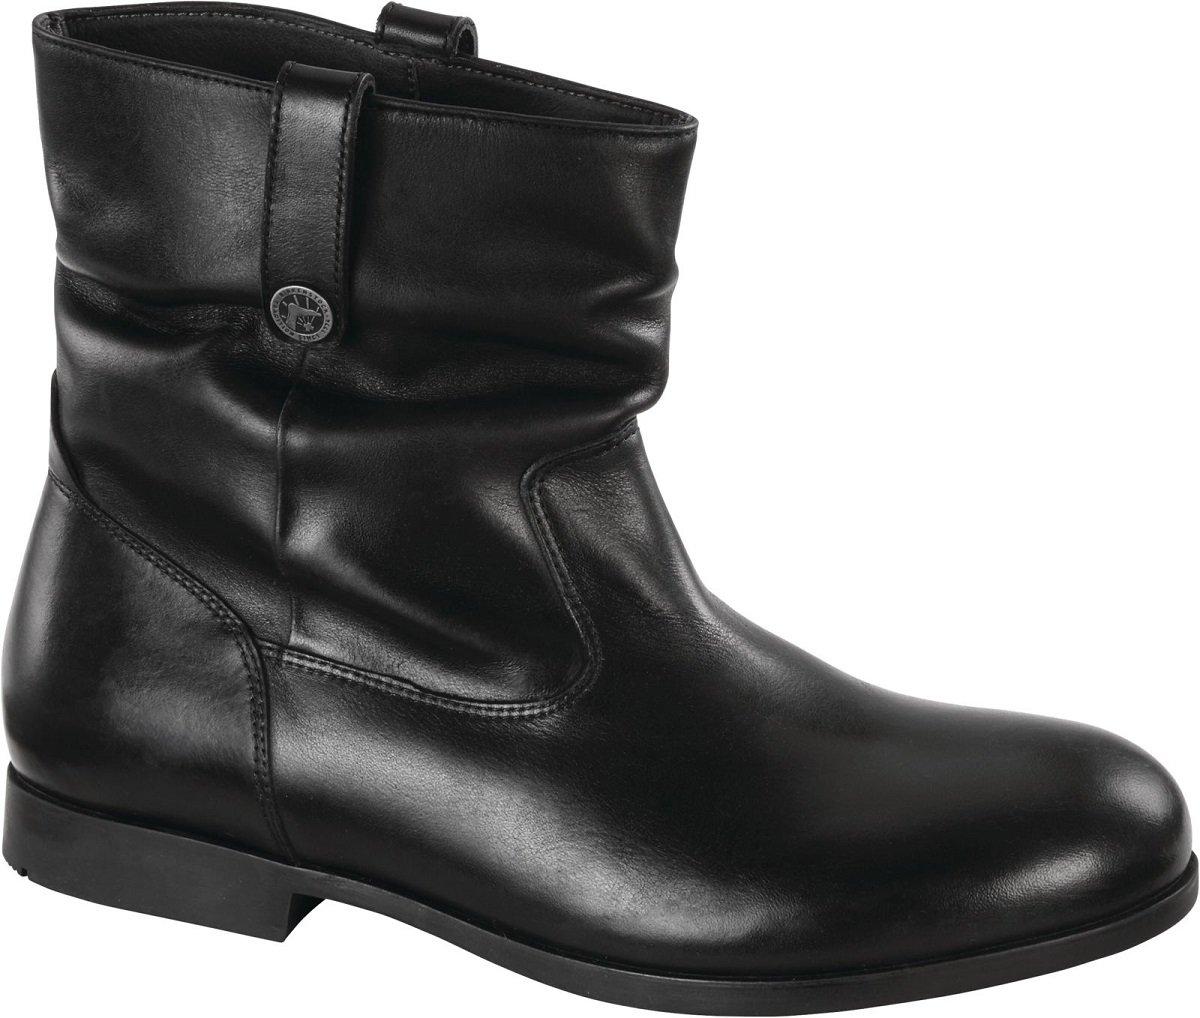 Birkenstock Women's Sarnia Waxed Suede Boot B01MZ838NI 37 M EU Black Leather